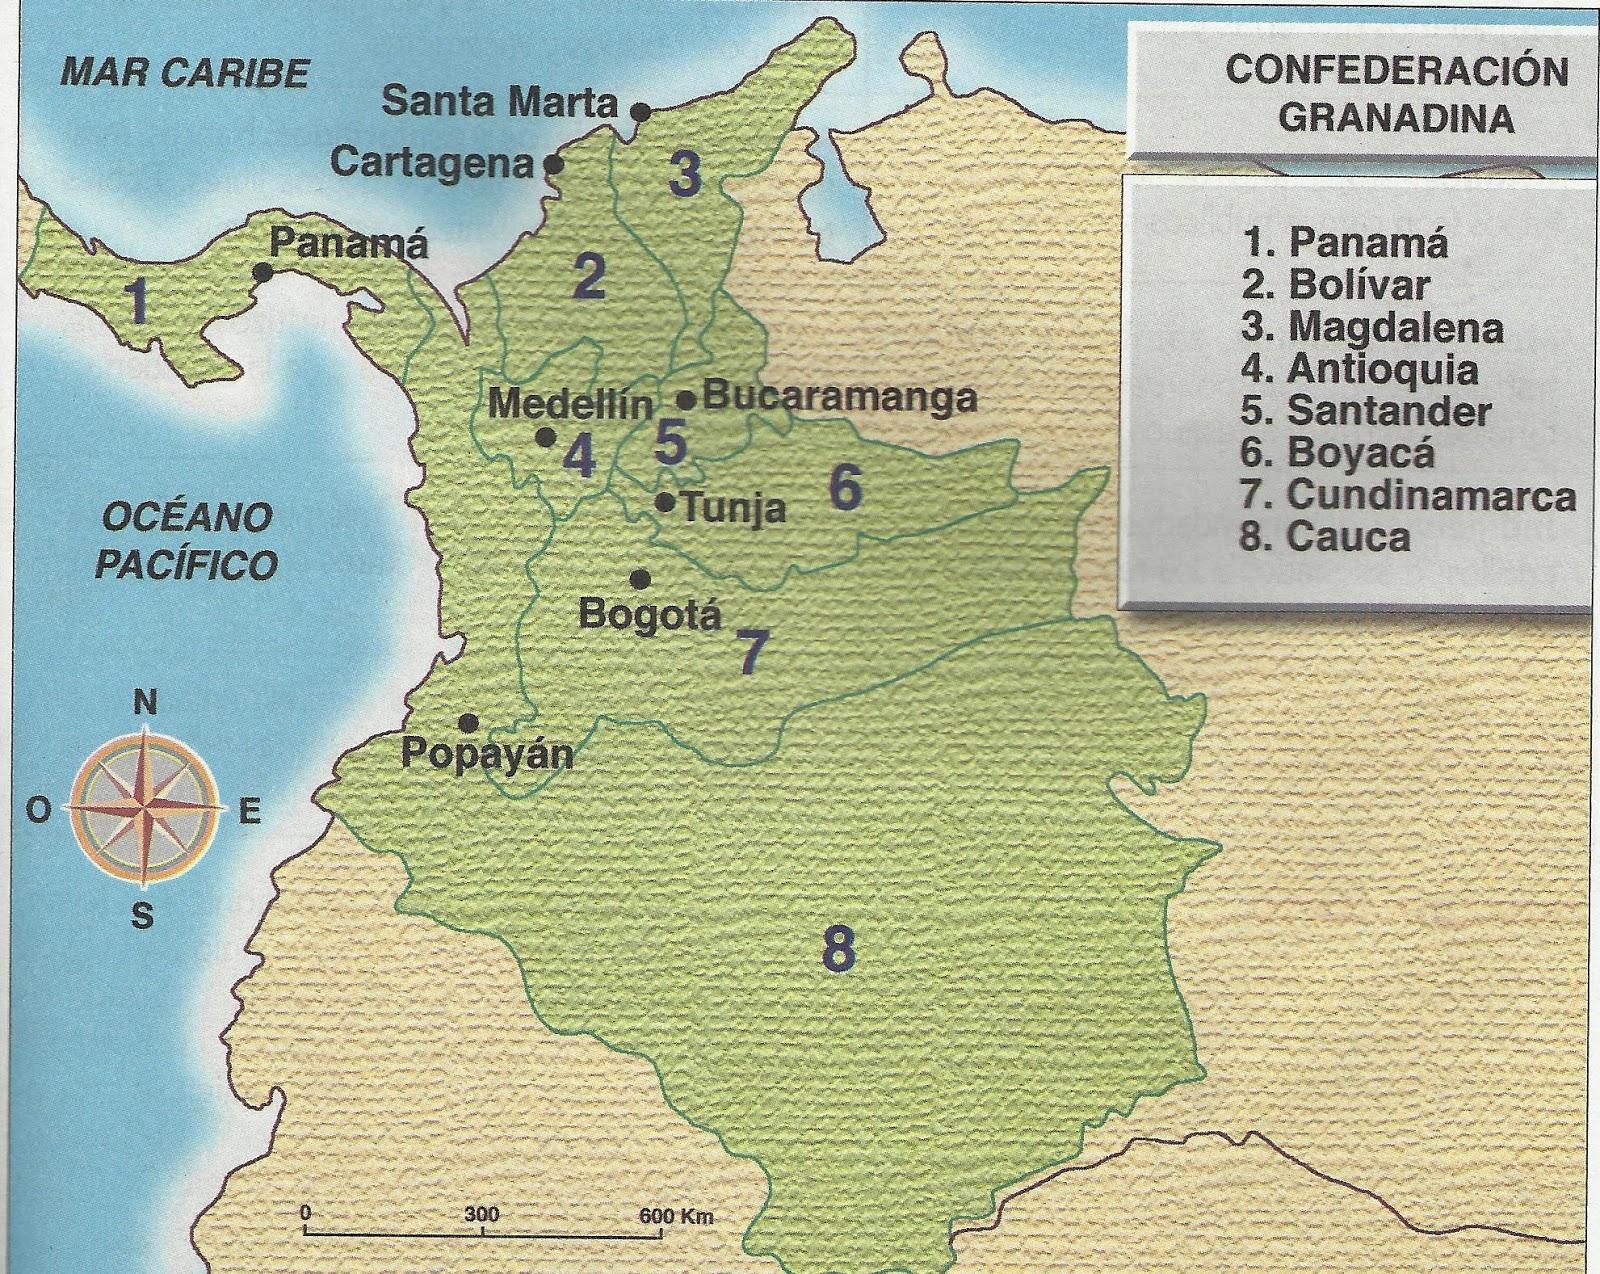 Mapa Politico Estados Unidos De Colombia.Aprende De Colombia Evolucion Colombiana Confederacion